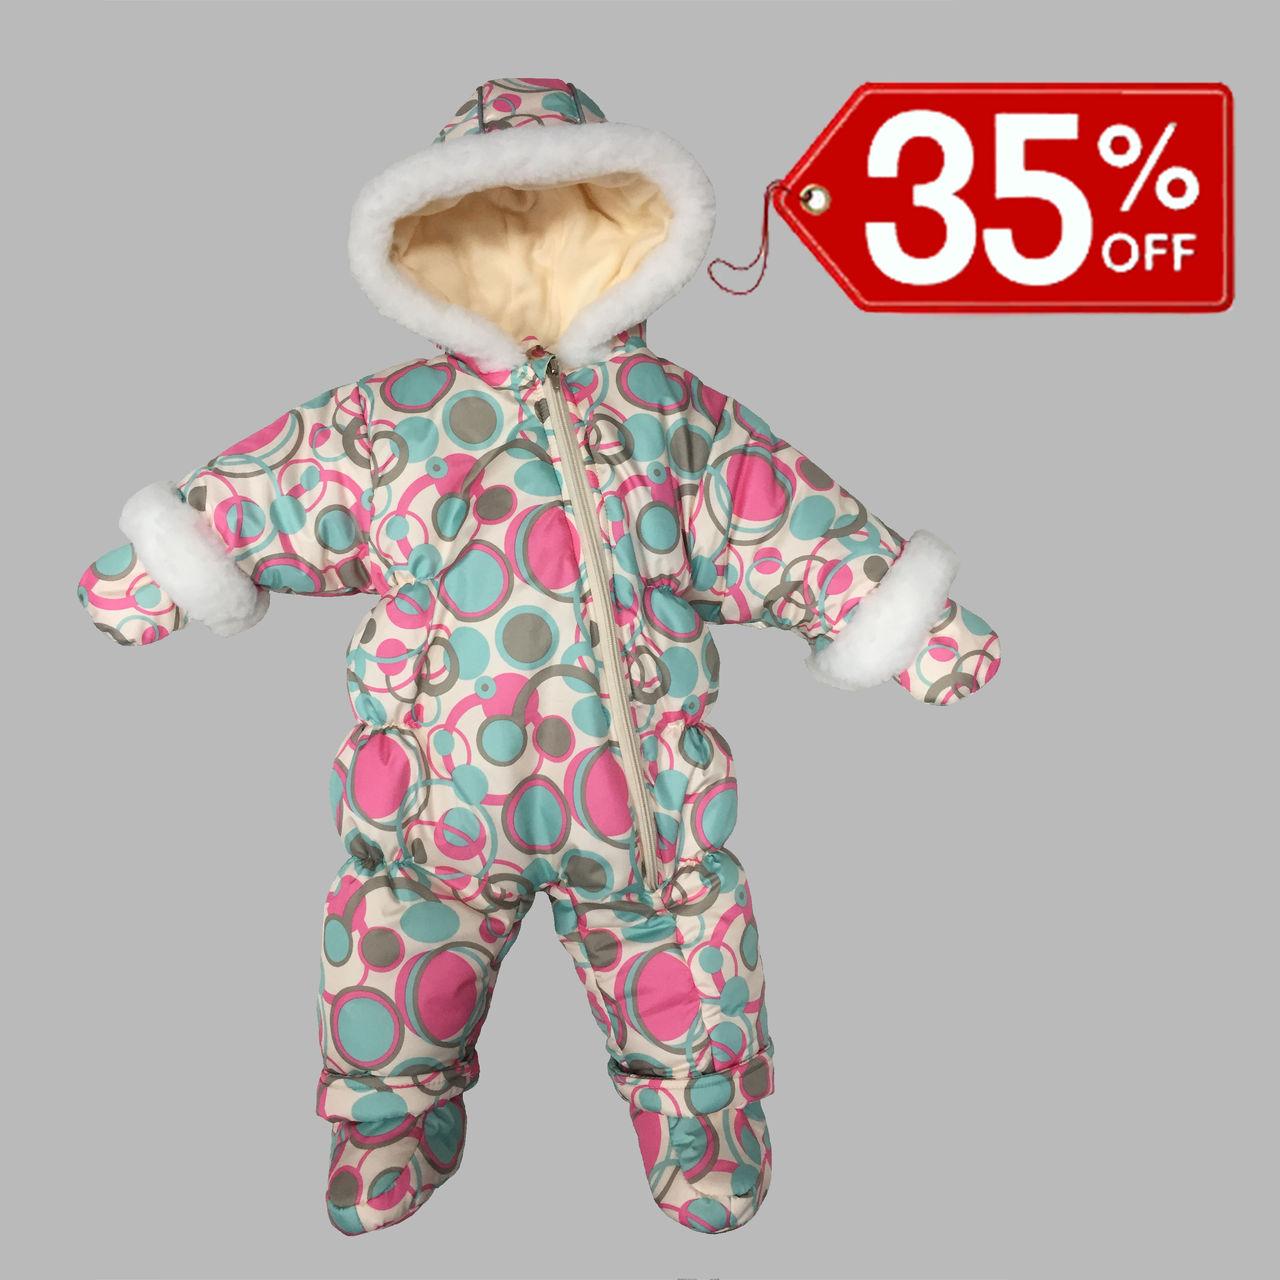 Сбор заказов. Верхняя одежда для детей осень и зима. Размеры от 0 до 7 лет. Недорого. Качественно. Модно